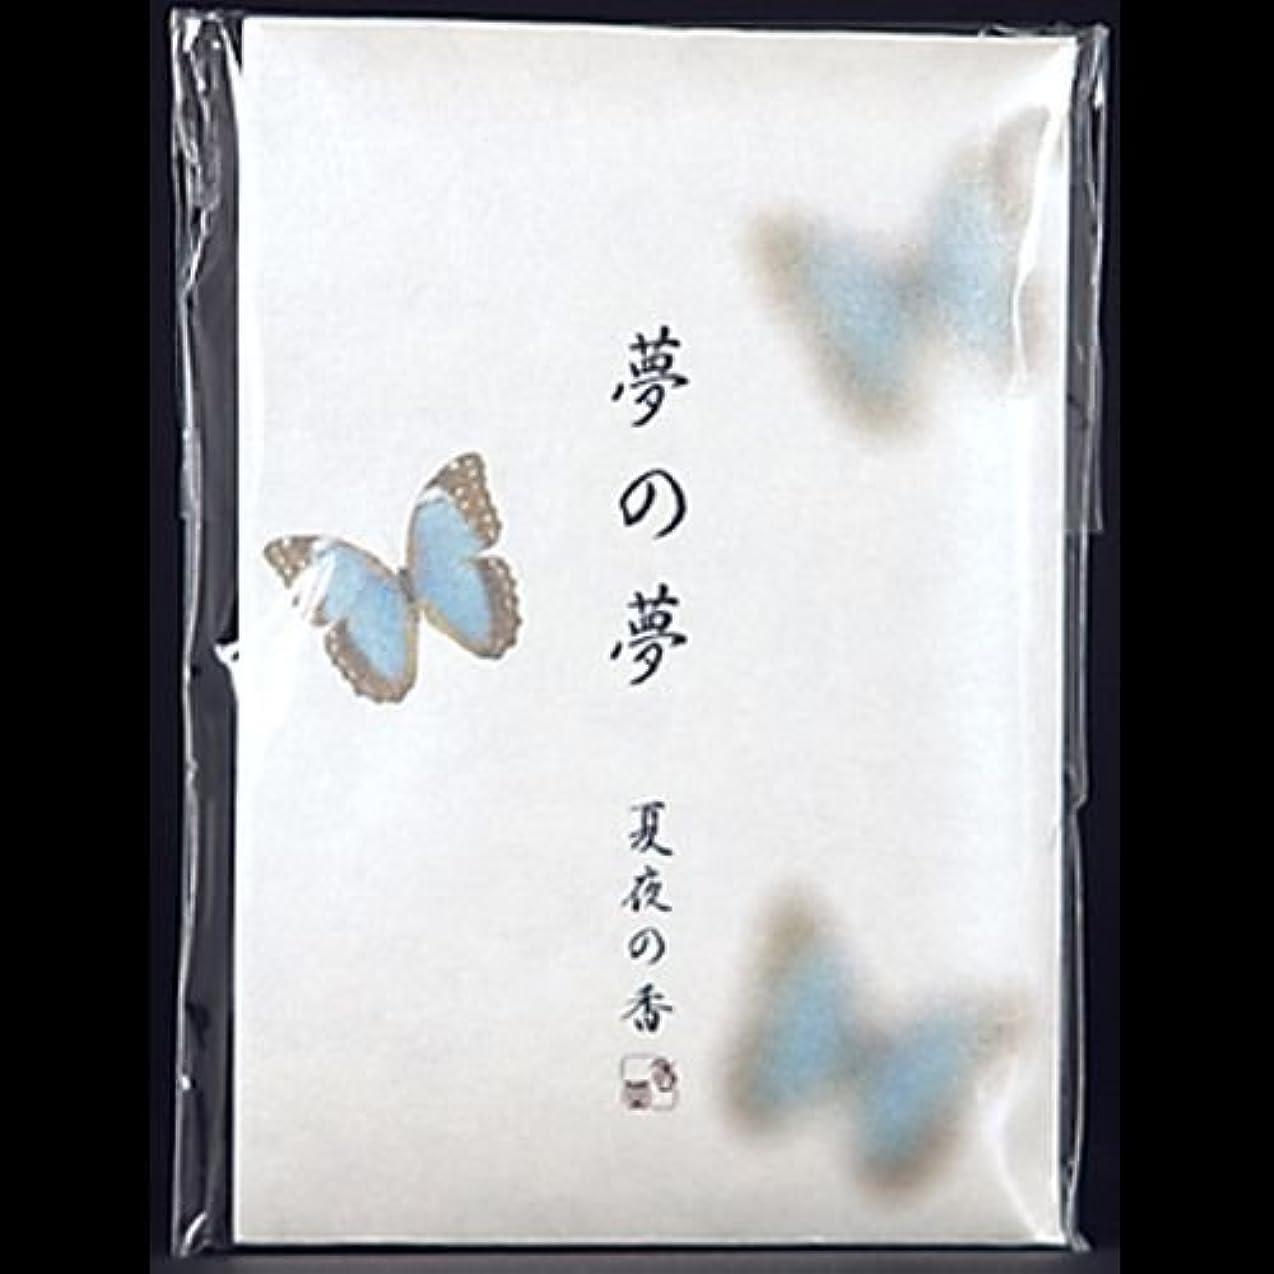 グローブうねる包括的【まとめ買い】夢の夢 夏夜の香 (蝶々) スティック12本入 ×2セット